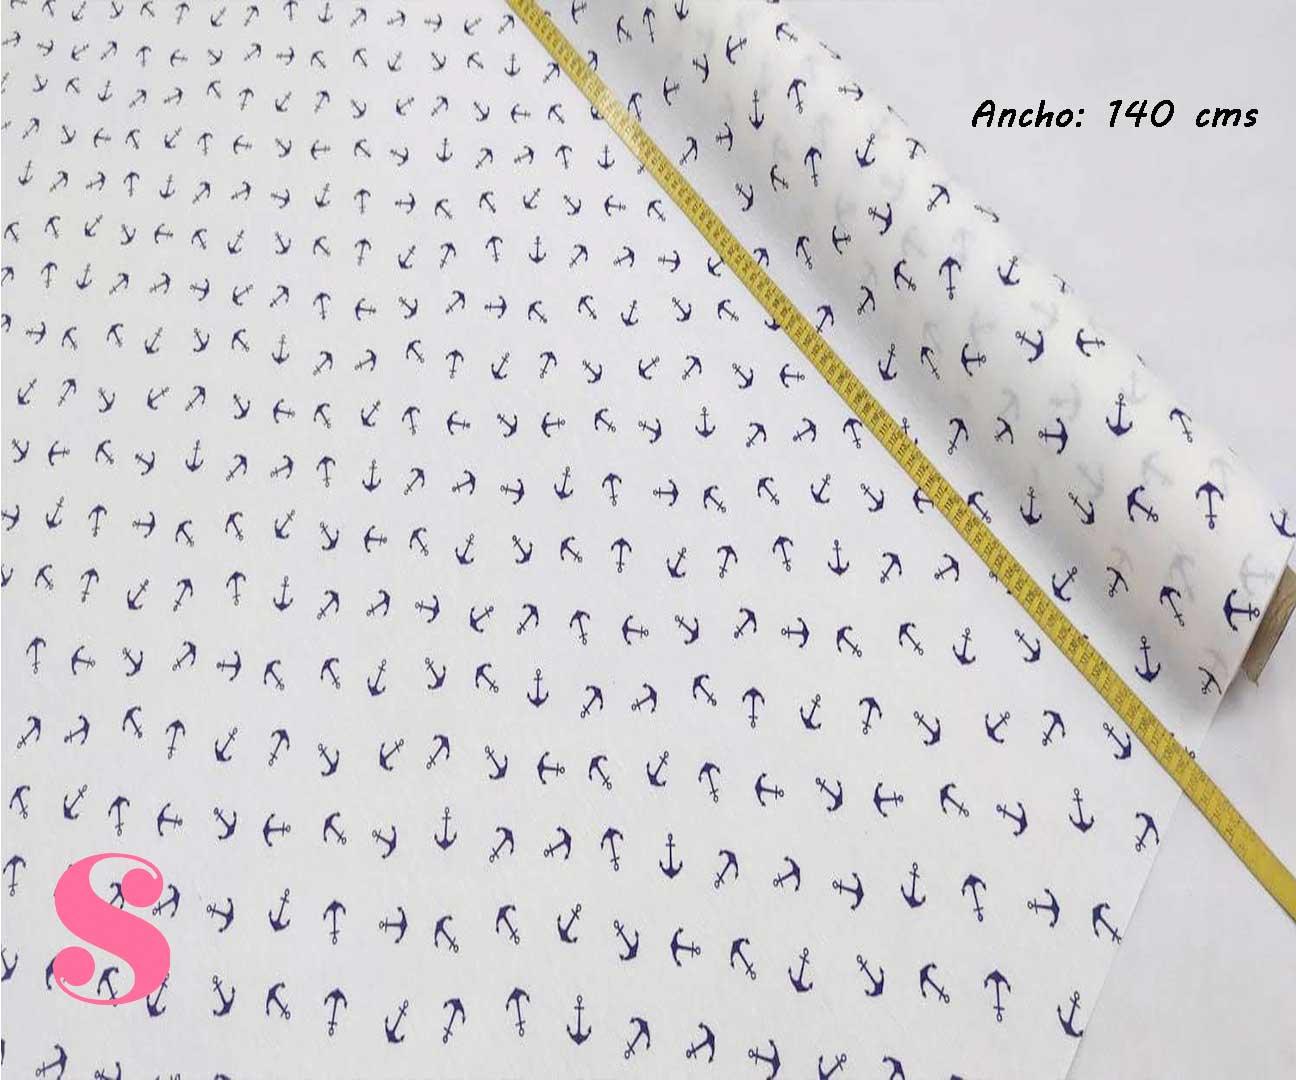 303-anclas-marineras-fondo-blanco-mantel-estampado-hules-antimanchas-facil-lavado,Mantel Anclas Marineras Resinado Antimanchas